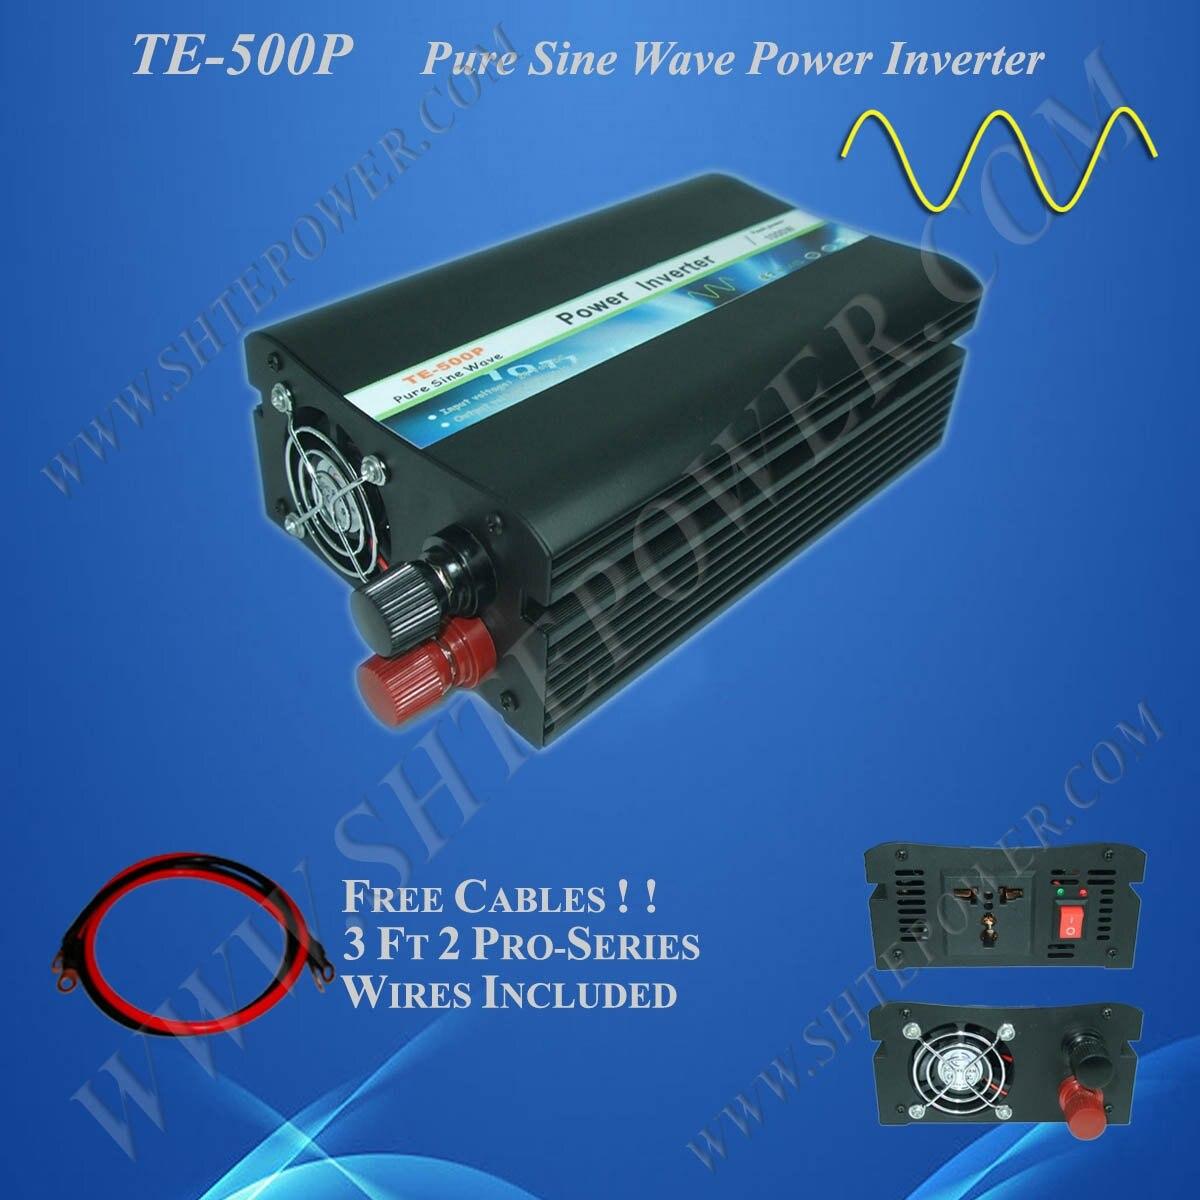 inverter 500w off grid inverter 12v 220v 500winverter 500w off grid inverter 12v 220v 500w